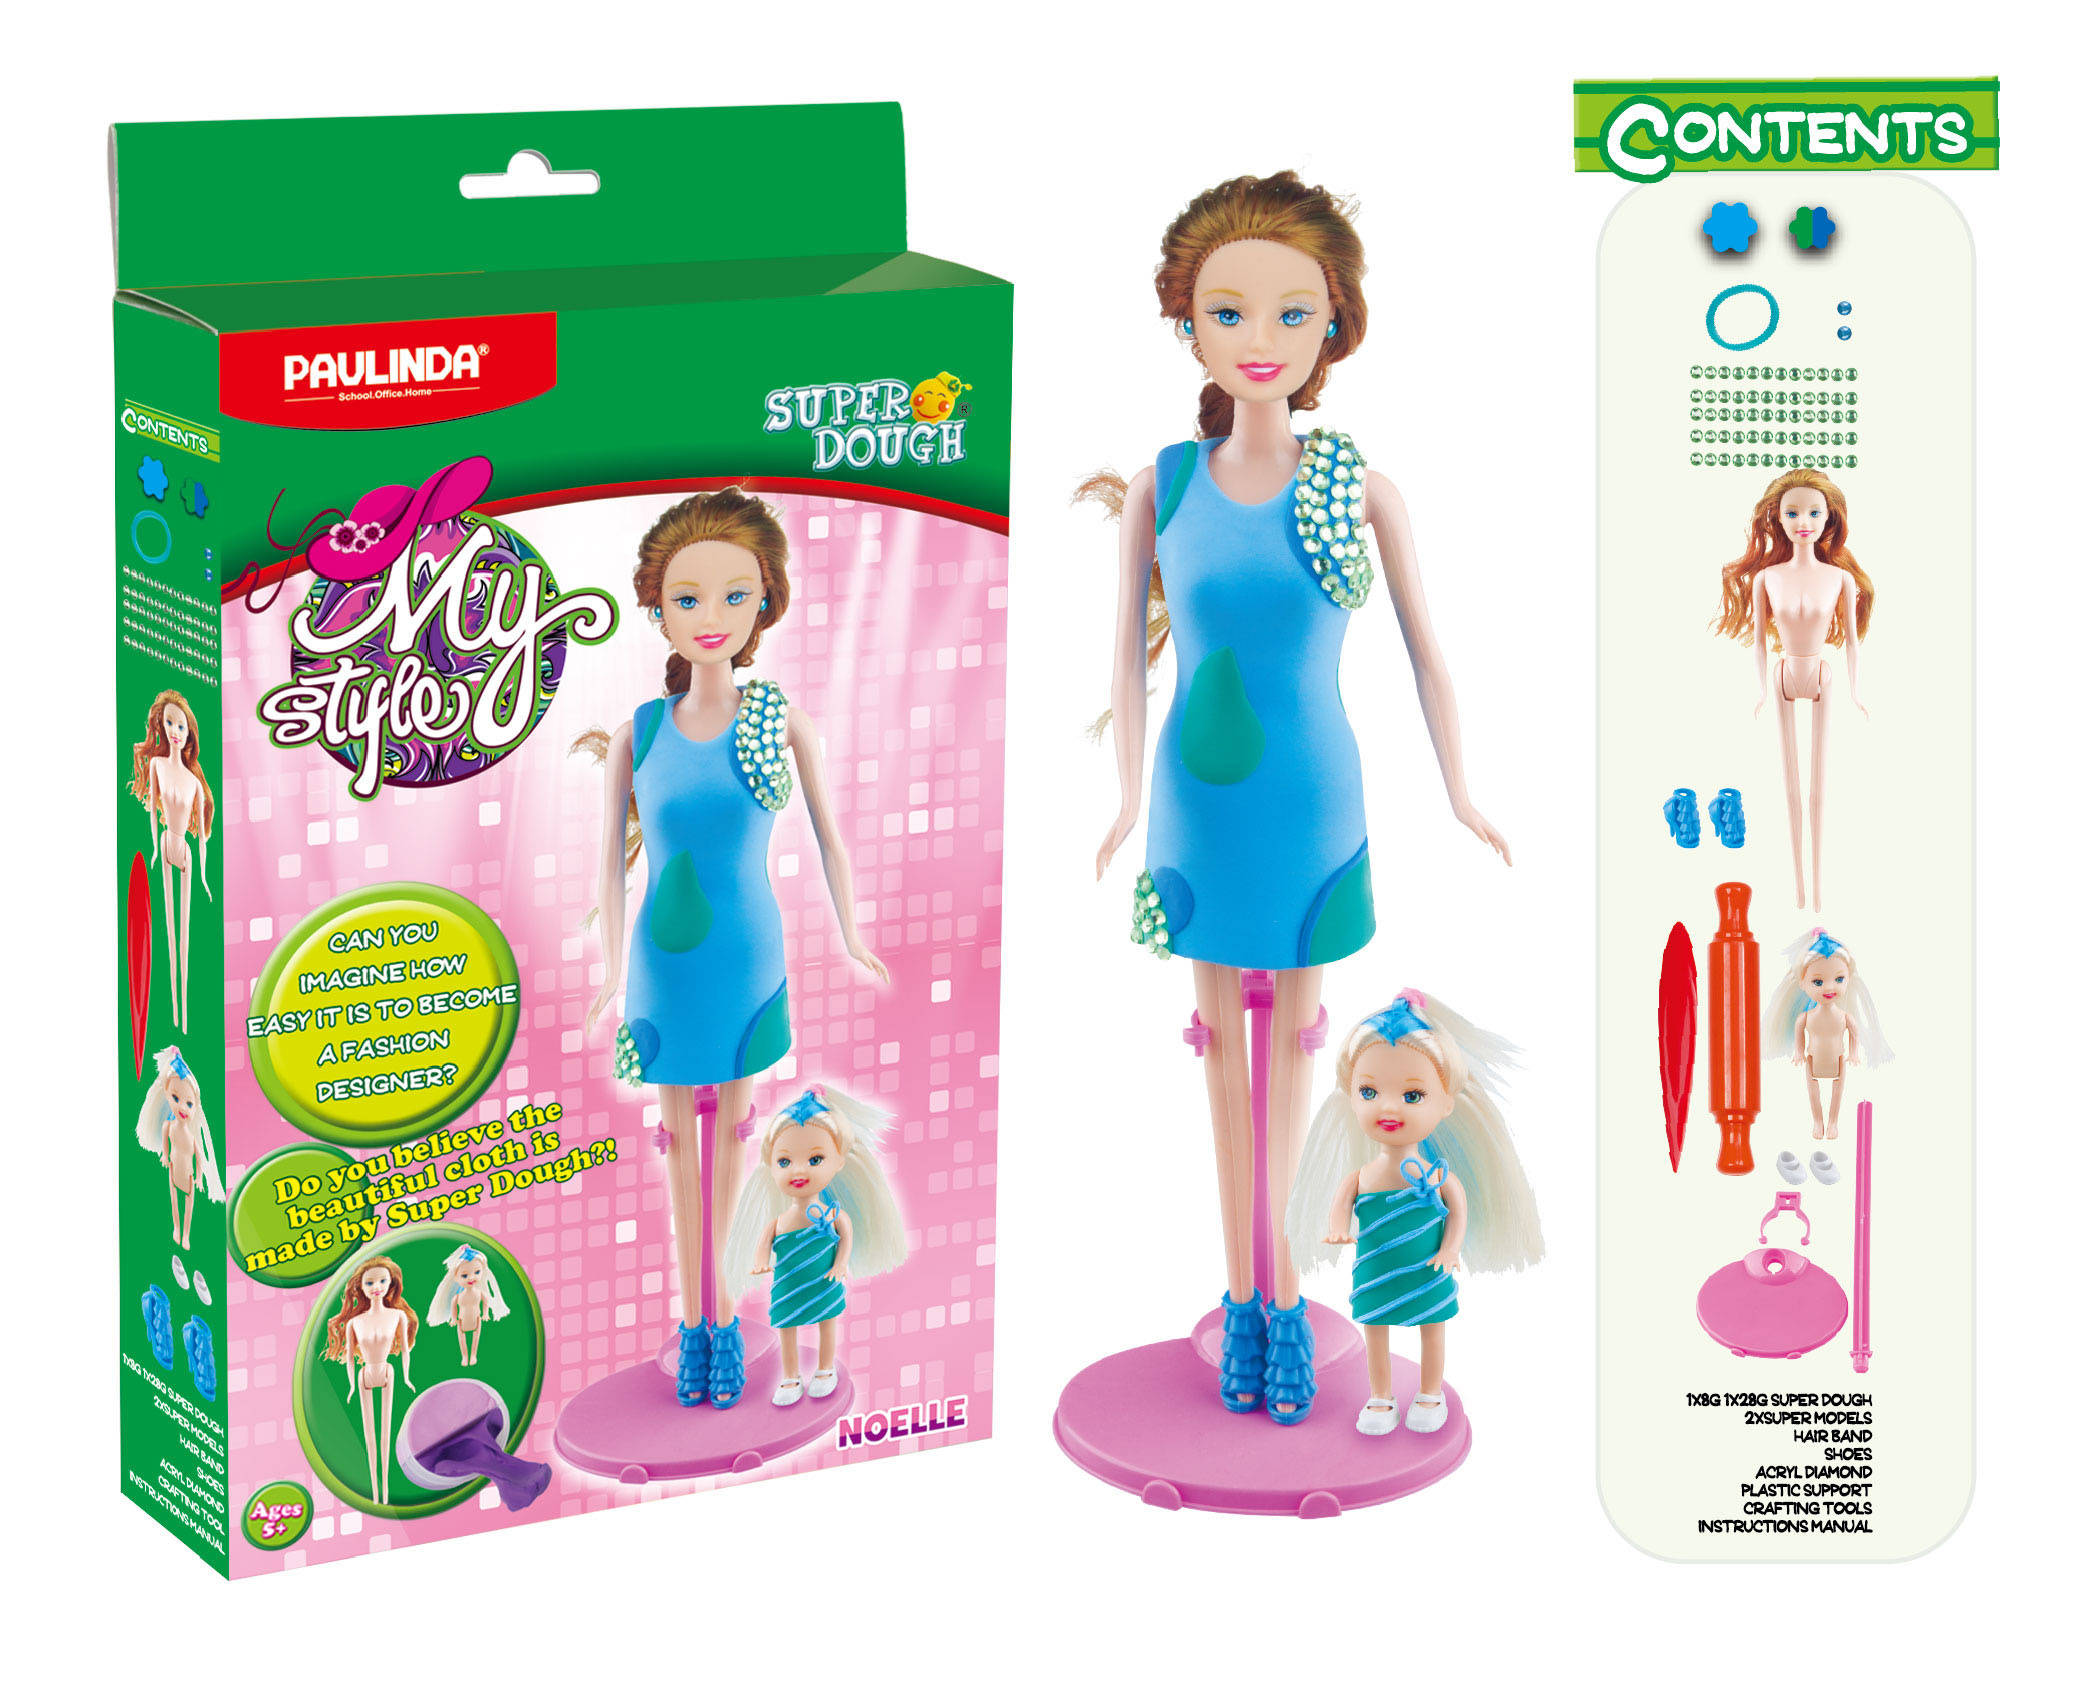 Масса для лепки - Мой стиль: Ноэлль, набор для создания наряда для куклыНаборы для лепки<br>Масса для лепки - Мой стиль: Ноэлль, набор для создания наряда для куклы<br>